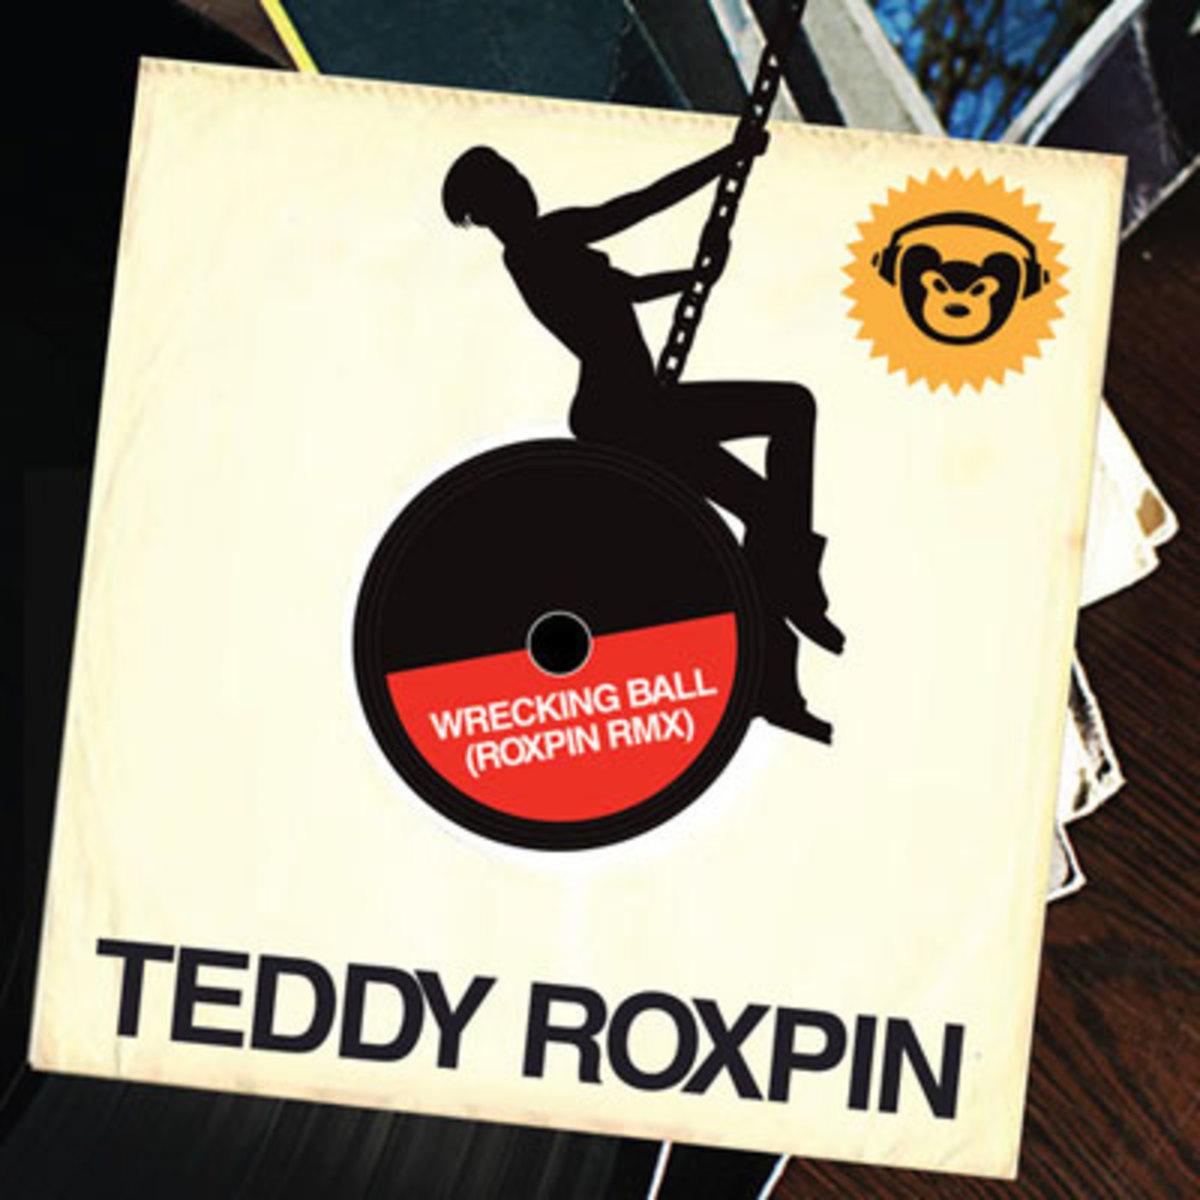 teddyroxpin-wreckingballrmx.jpg